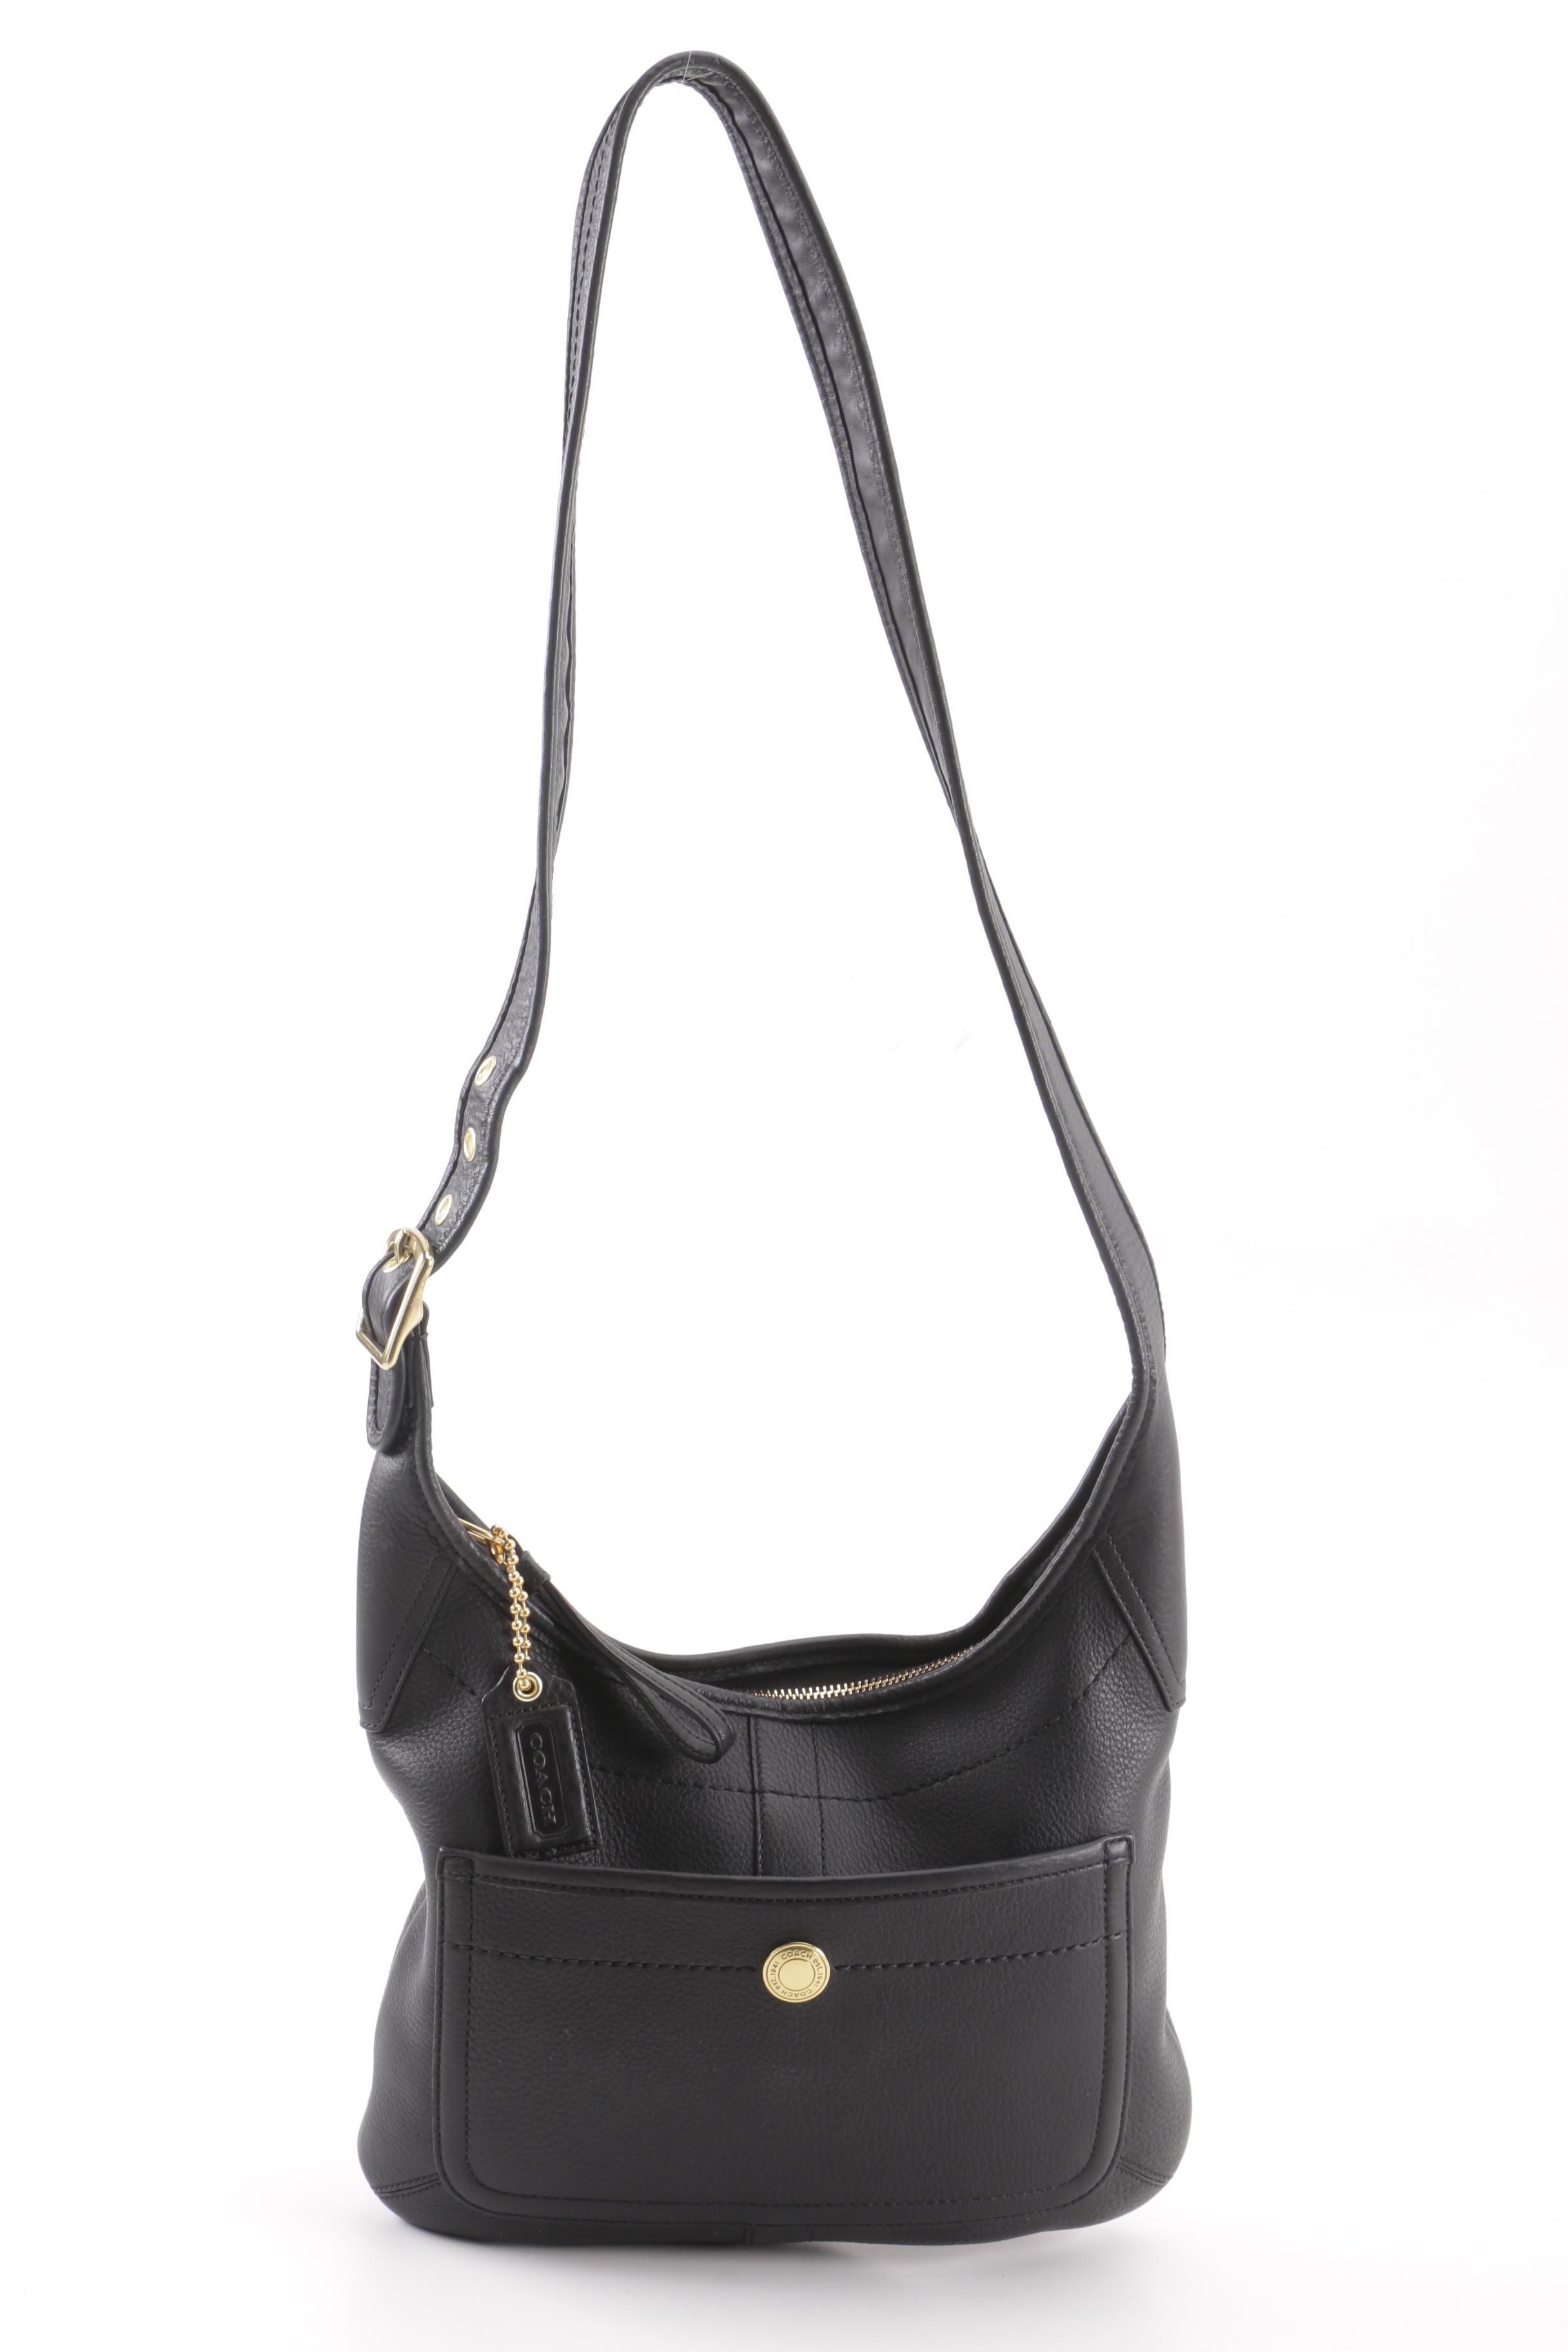 2008 Coach Black Leather Hobo Shoulder Bag